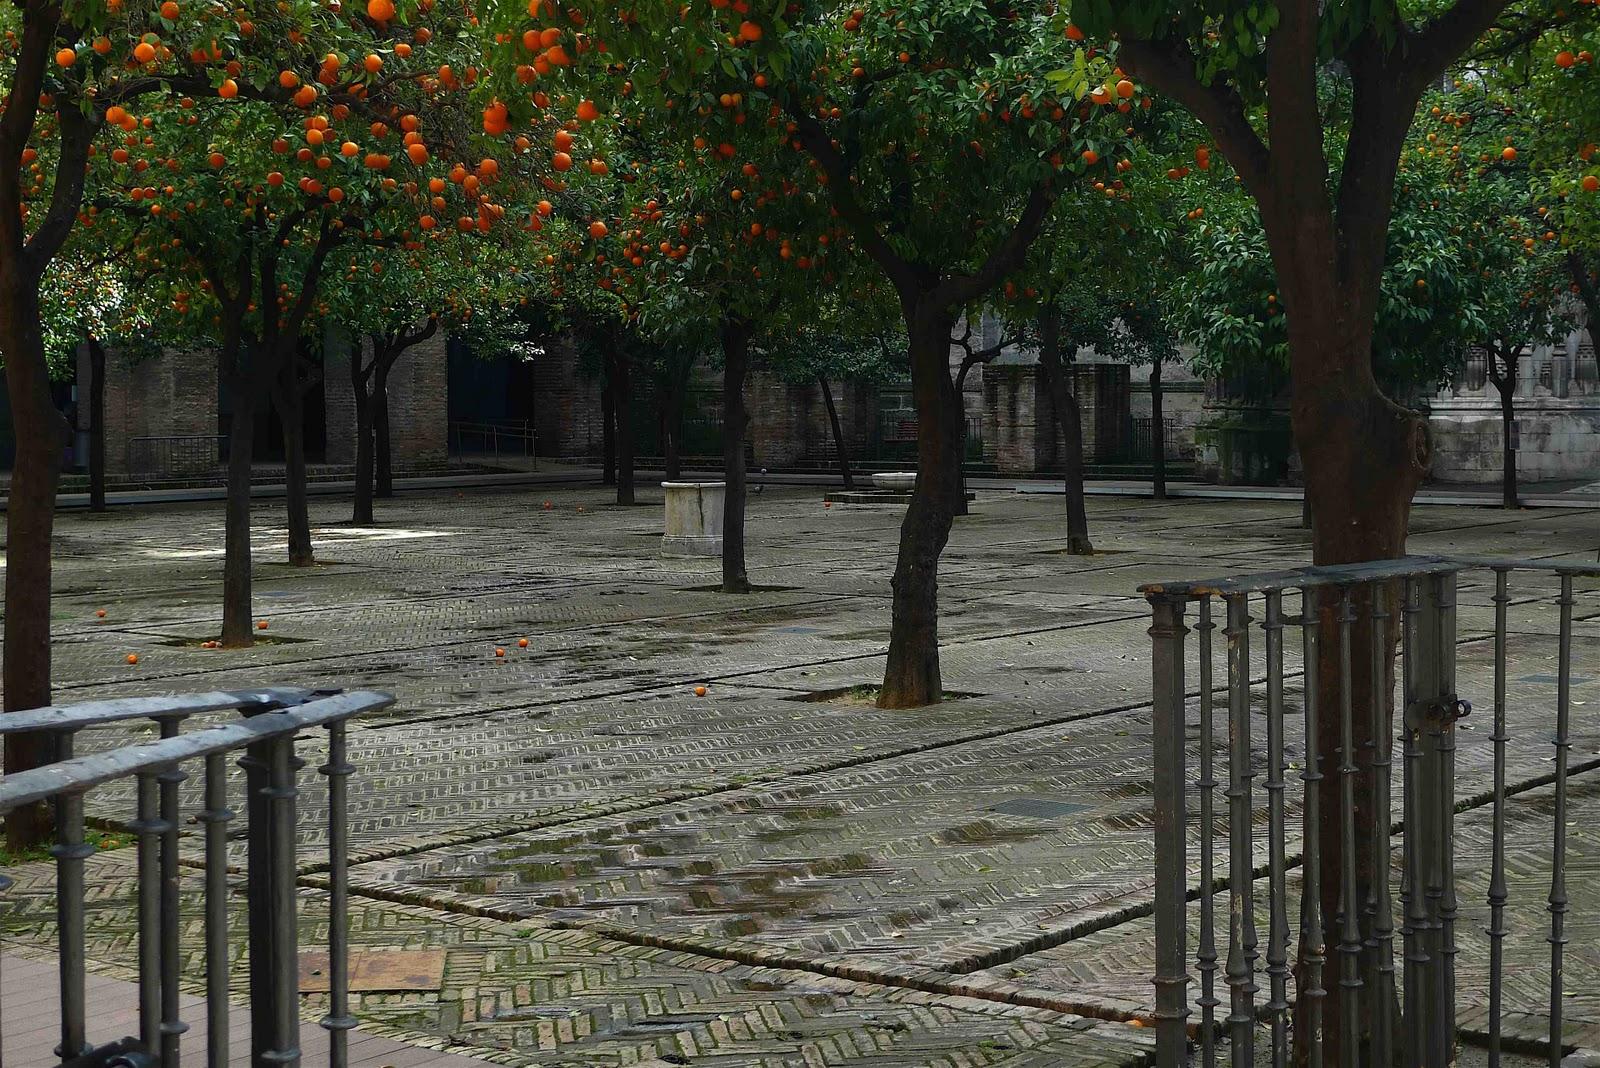 Jeffrey Bales World of Gardens: The Patio de los Naranjos ...